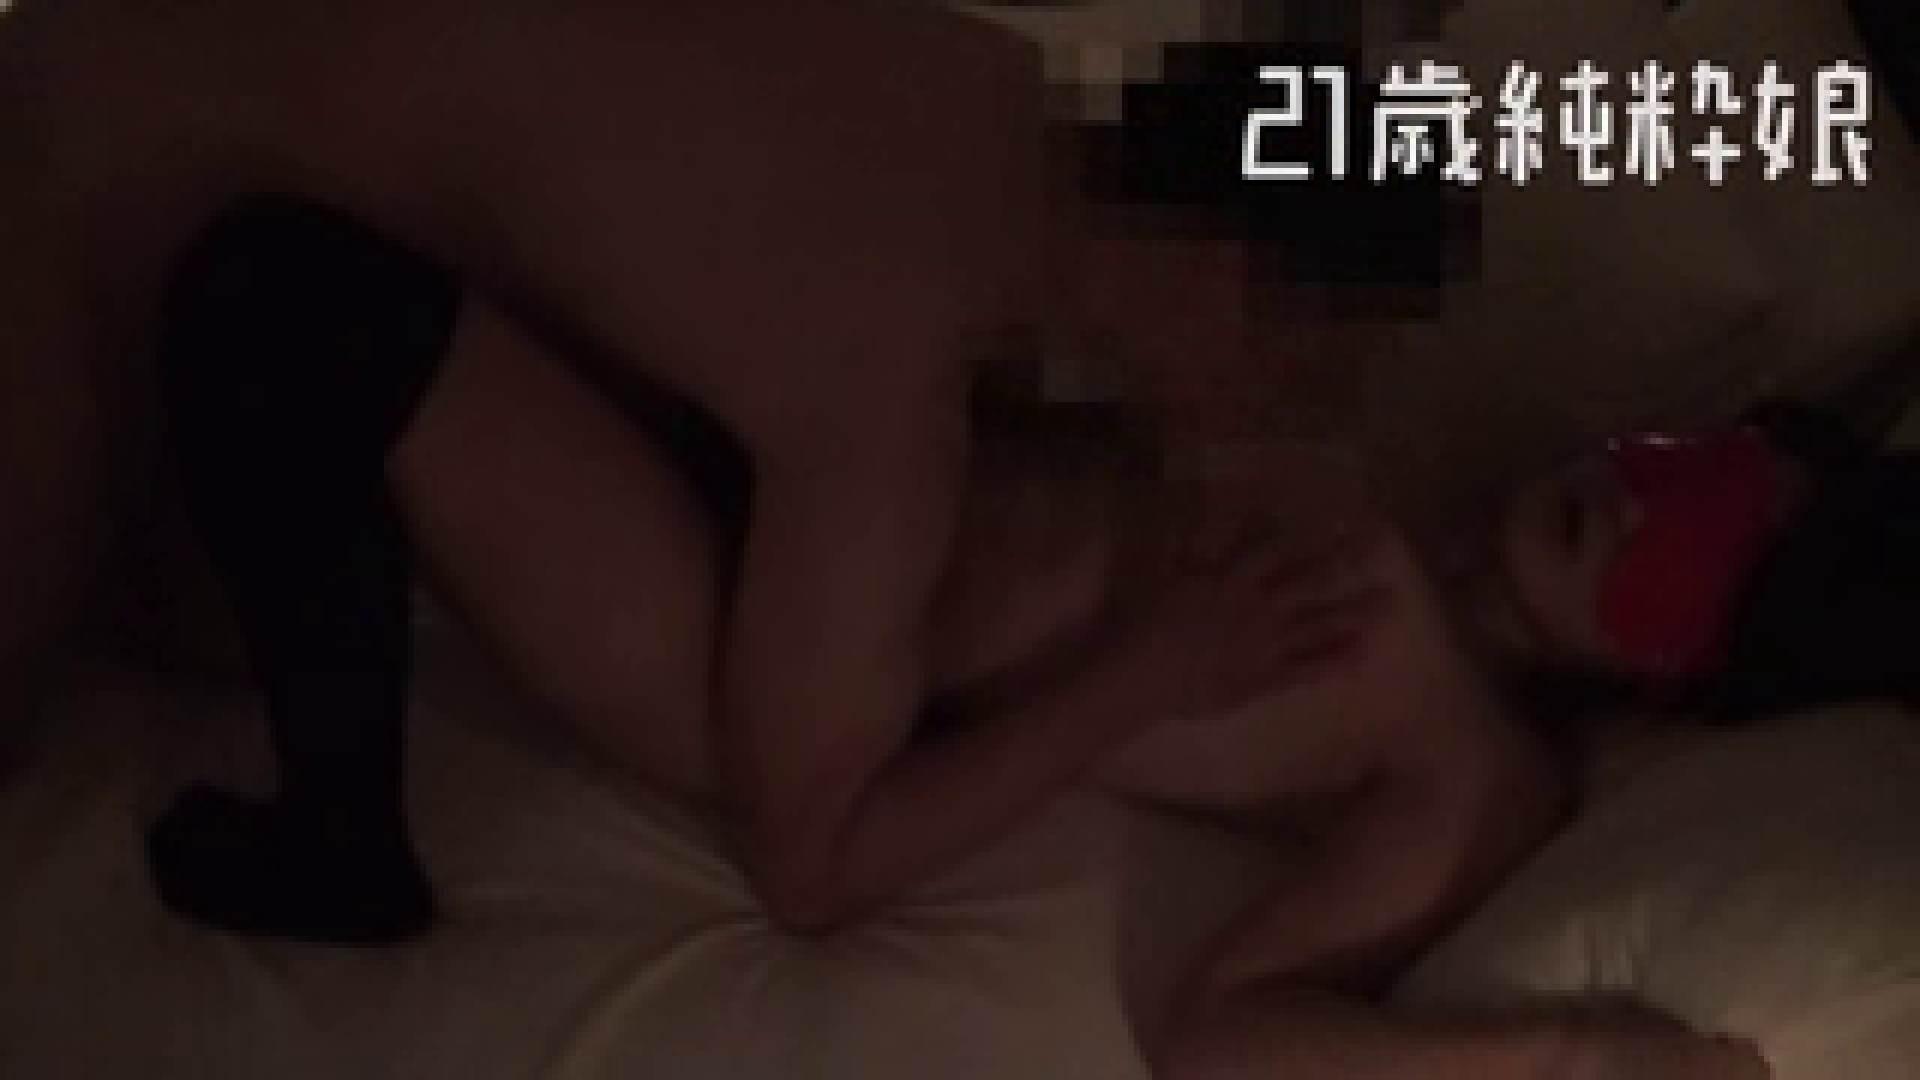 上京したばかりのGカップ21歳純粋嬢を都合の良い女にしてみた4 おっぱい娘 ヌード画像 61連発 38